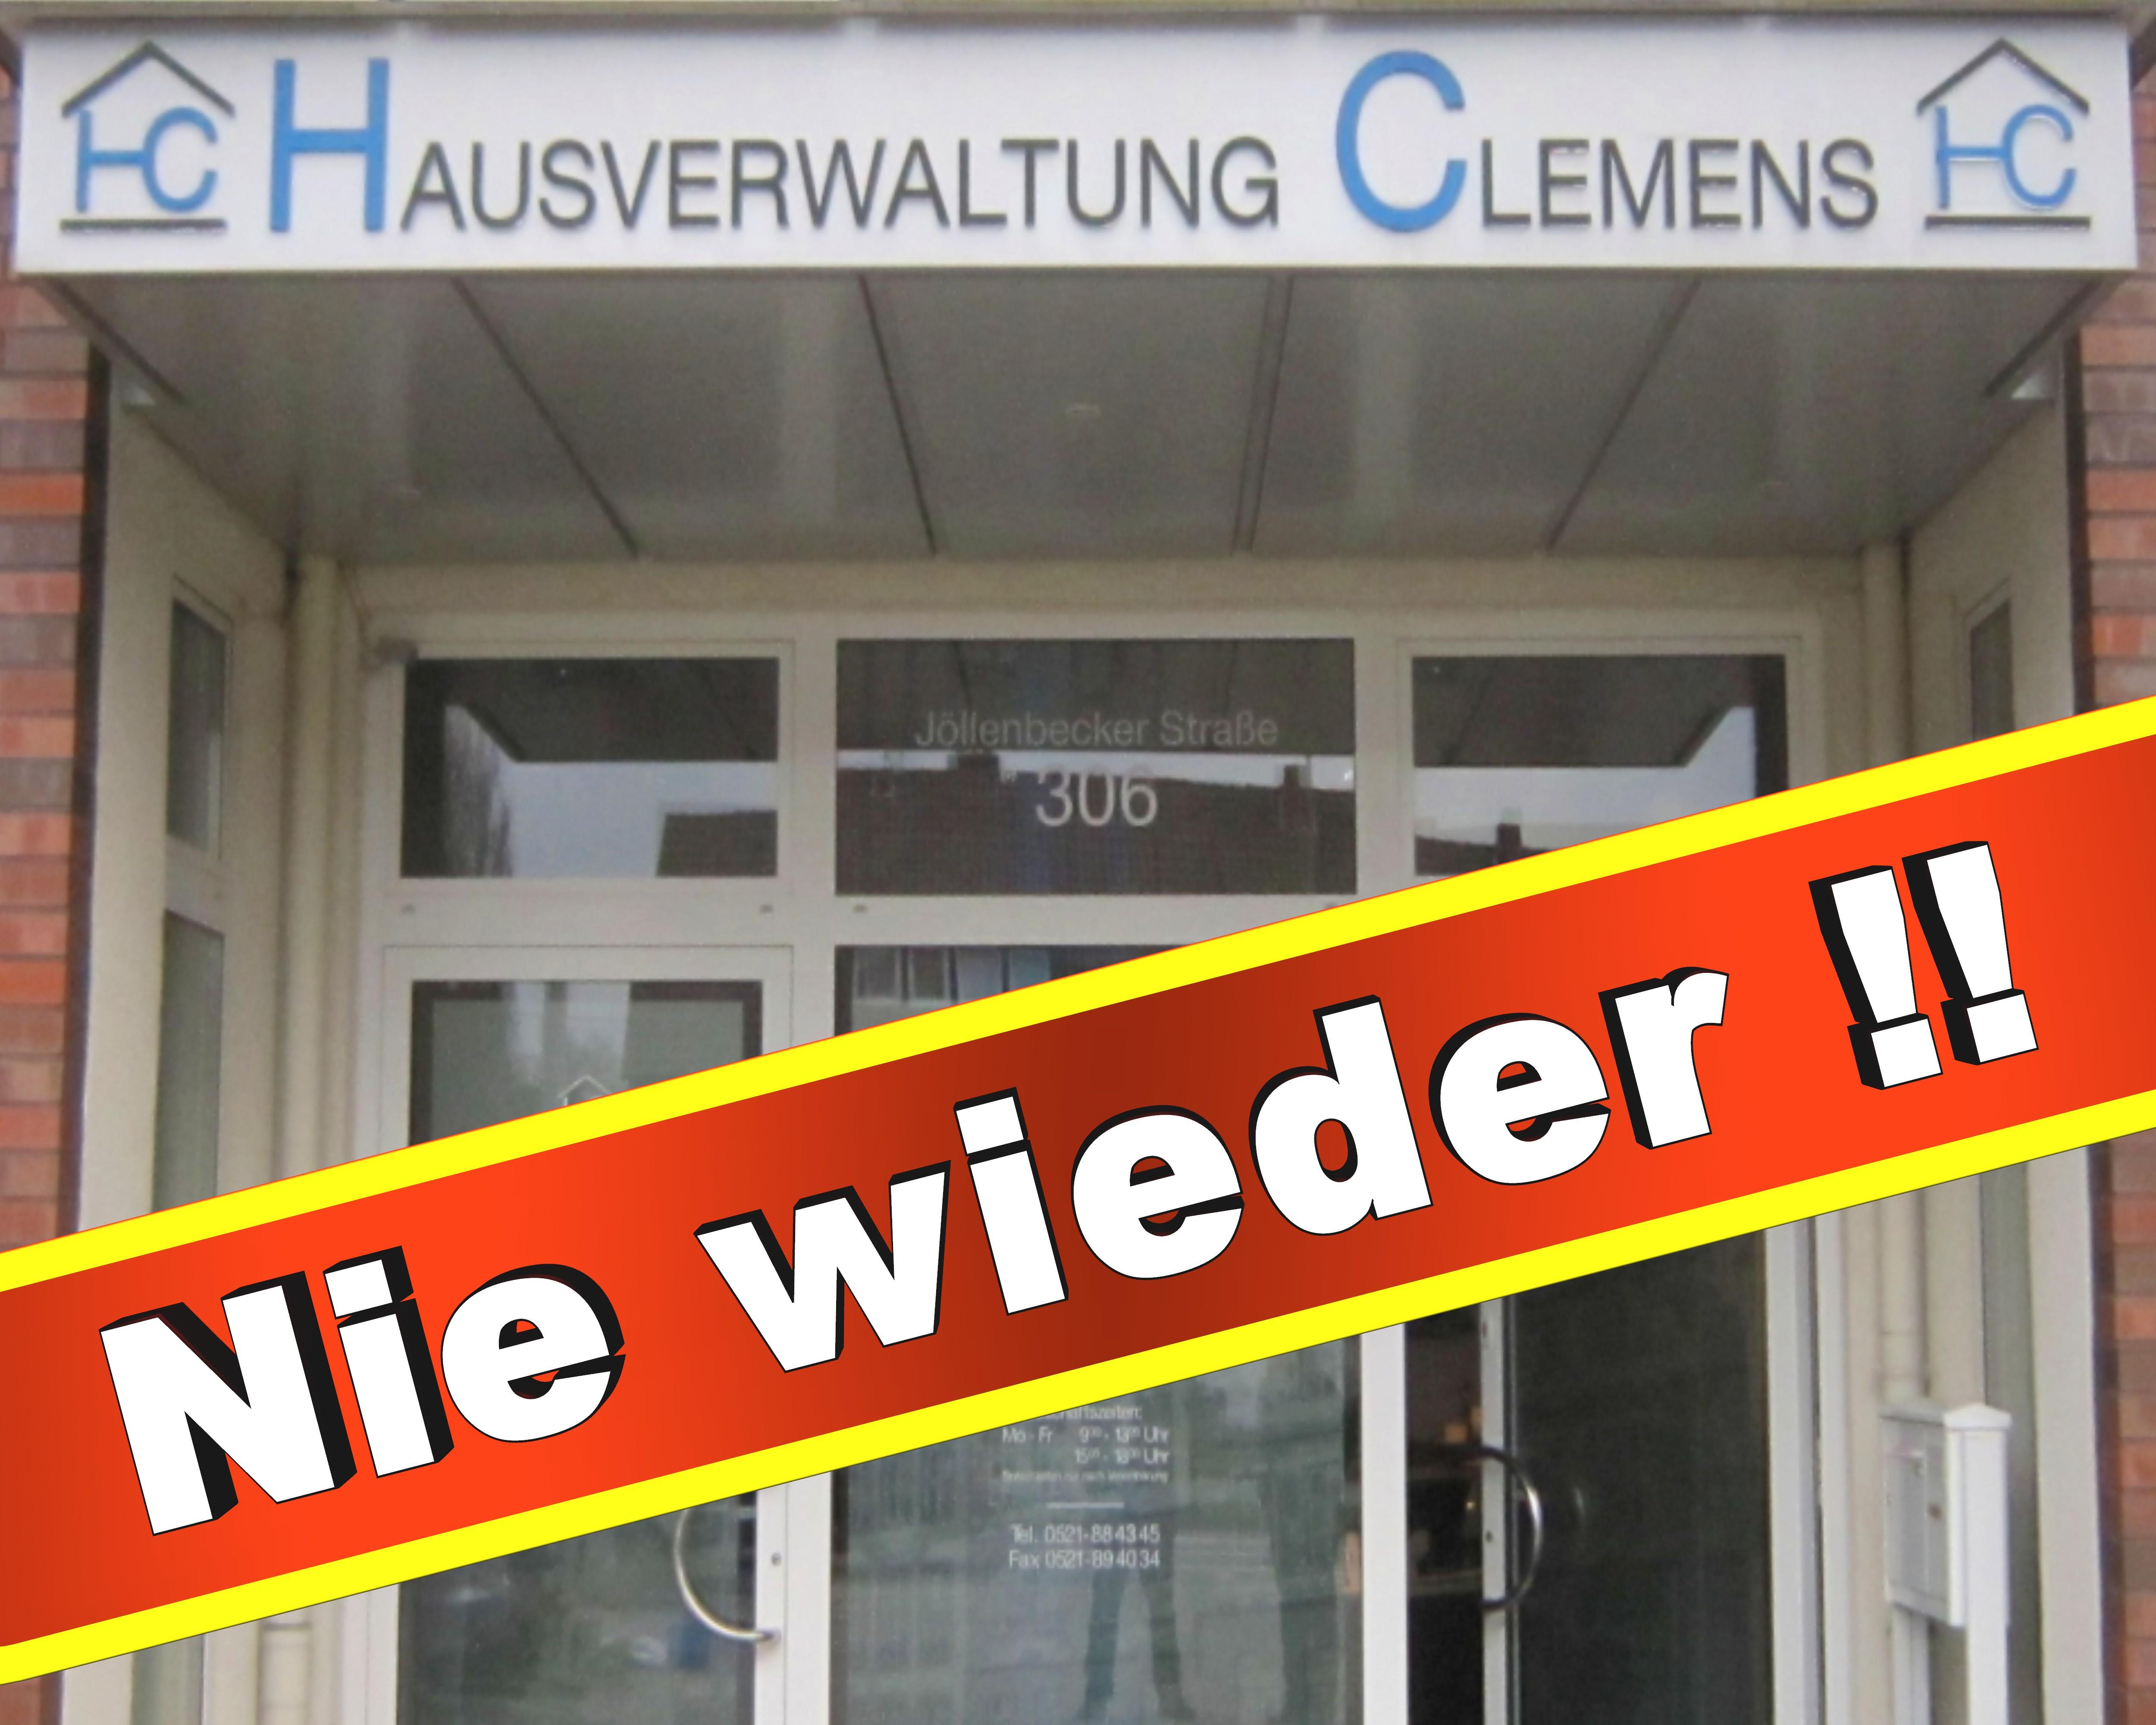 Hausverwaltung Clemens Bielefeld Jöllenbecker Str 306, 33613 Bielefeld Grundstücksverwaltung Hausverwaltungen (1)